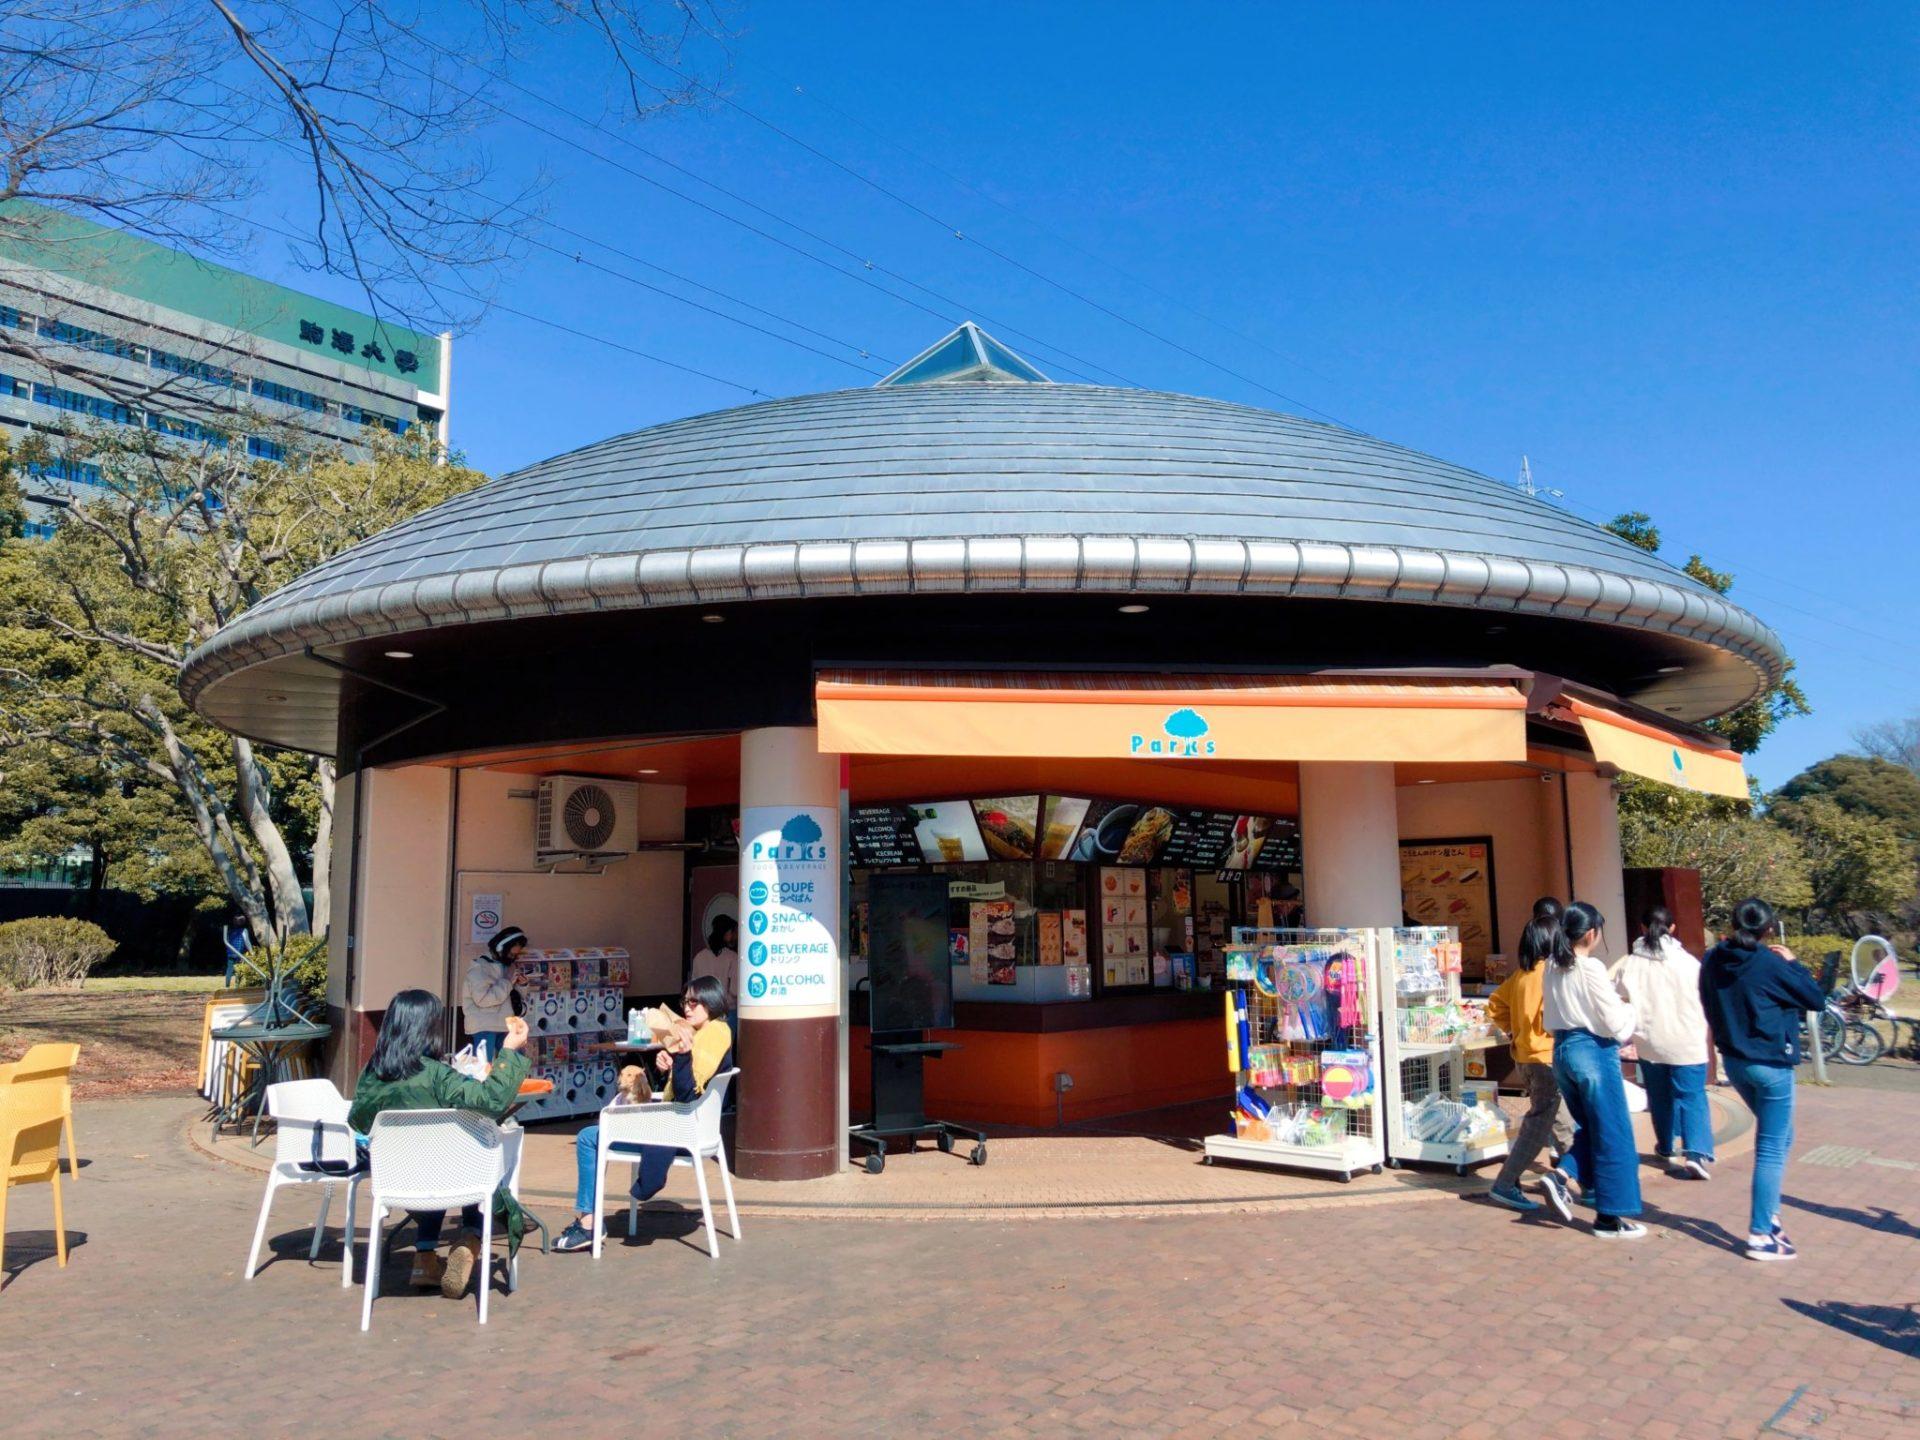 駒沢公園内にある売店